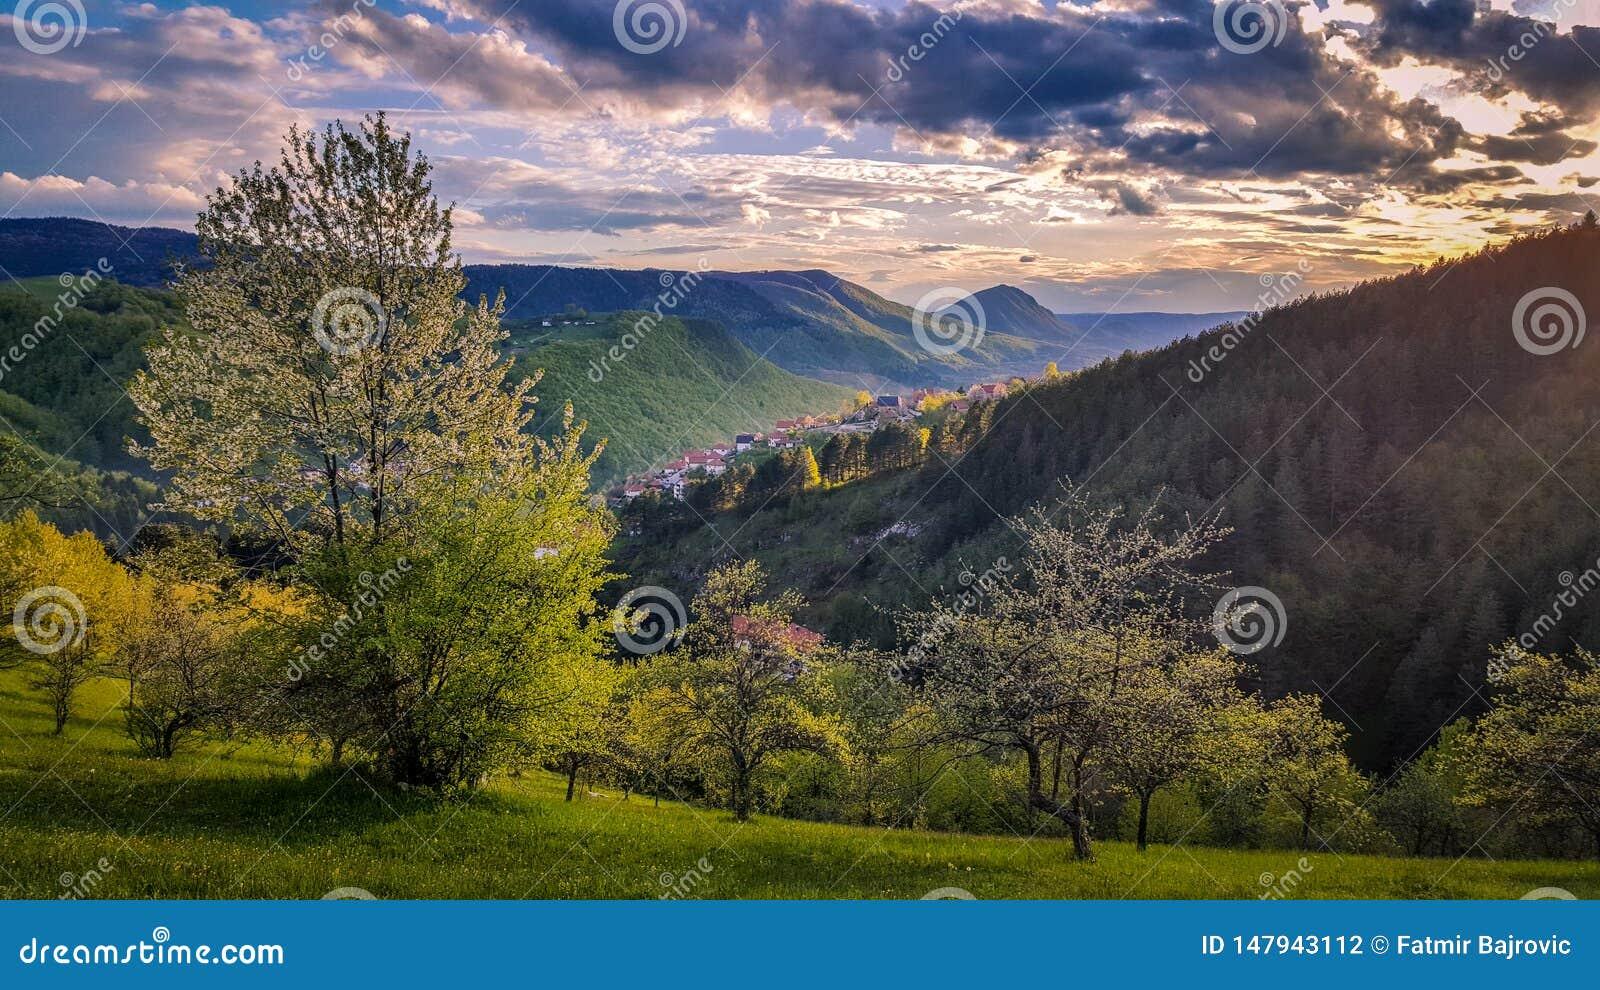 Tramonto stupefacente Vista dei paesaggi della molla, della luce solare e delle nuvole scure qui sopra